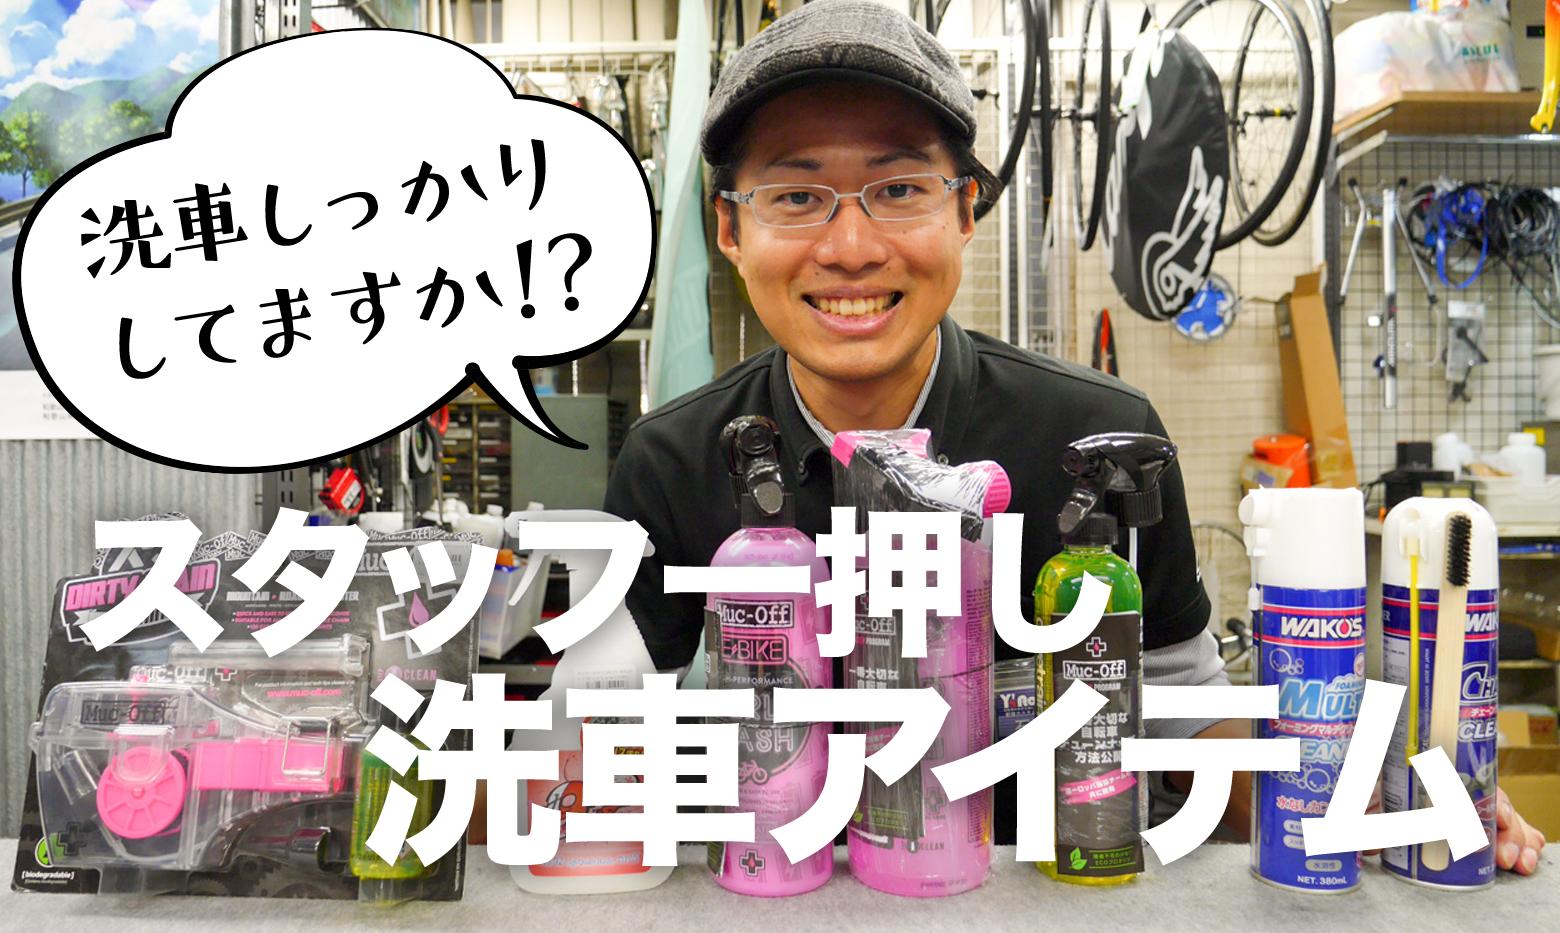 大特価!! VITTORIA RUBINO PRO G2.0 TWIN PACK オンライン特別価格 7,000円